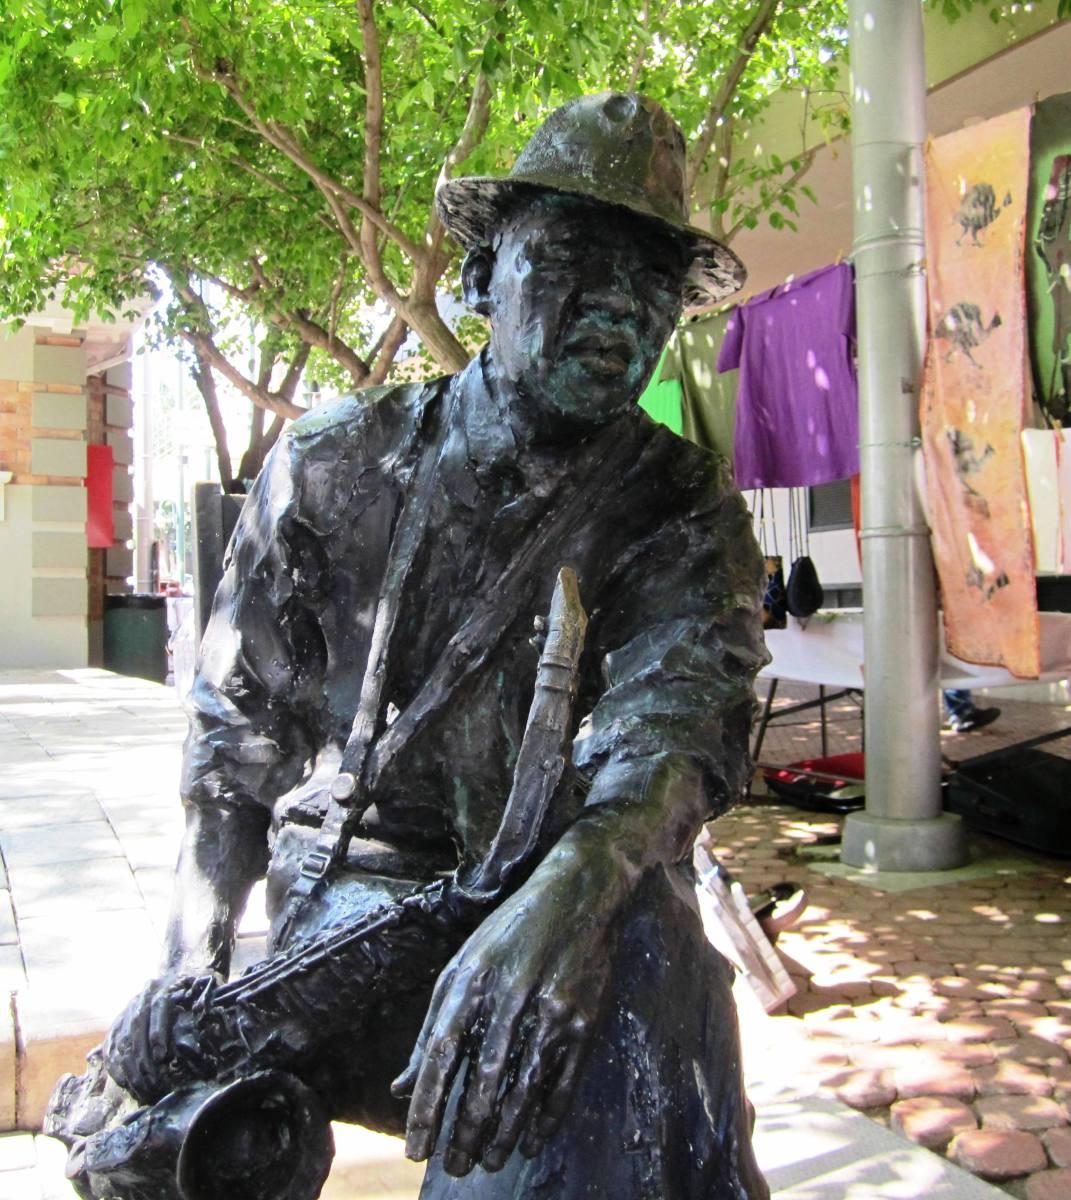 The bronze sculpture of Kippie 'Morolong' Moeketsi (1925-1983) a legendary South African jazz saxophonist.